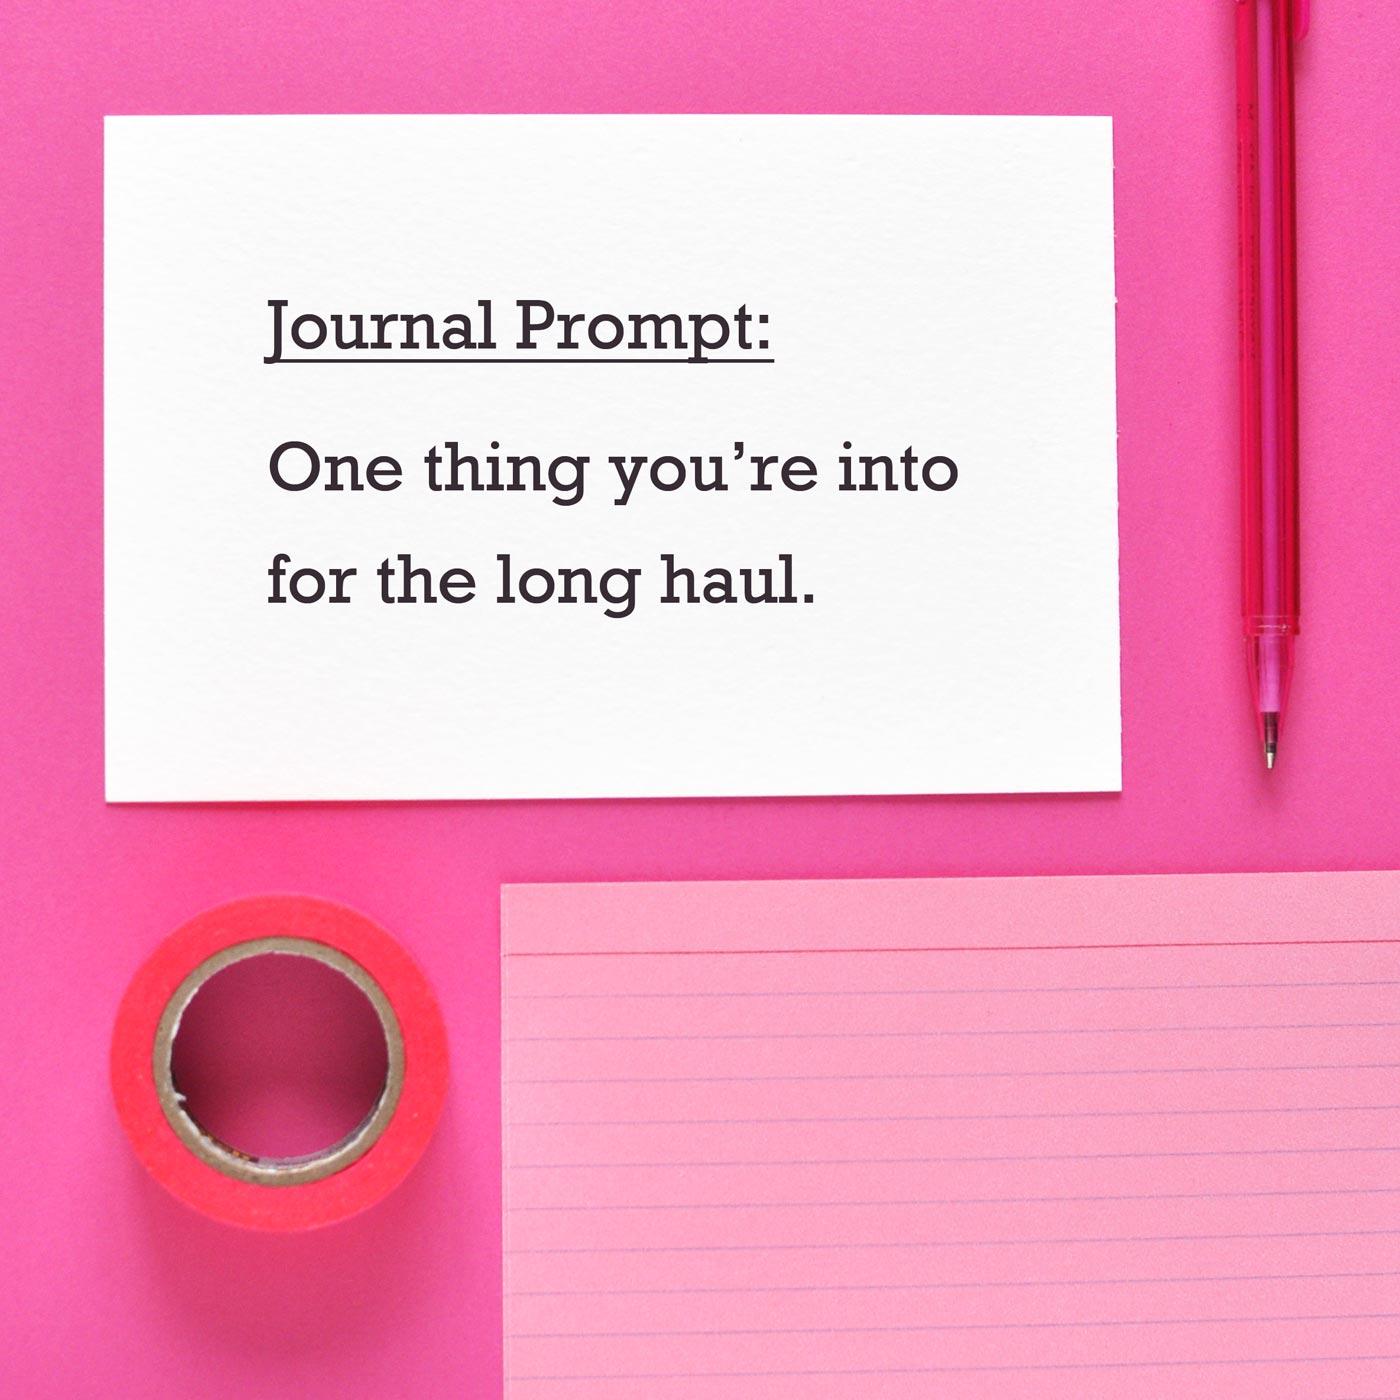 02-03-2018---Journal-prompt-by-Christie-Zimmer.jpg